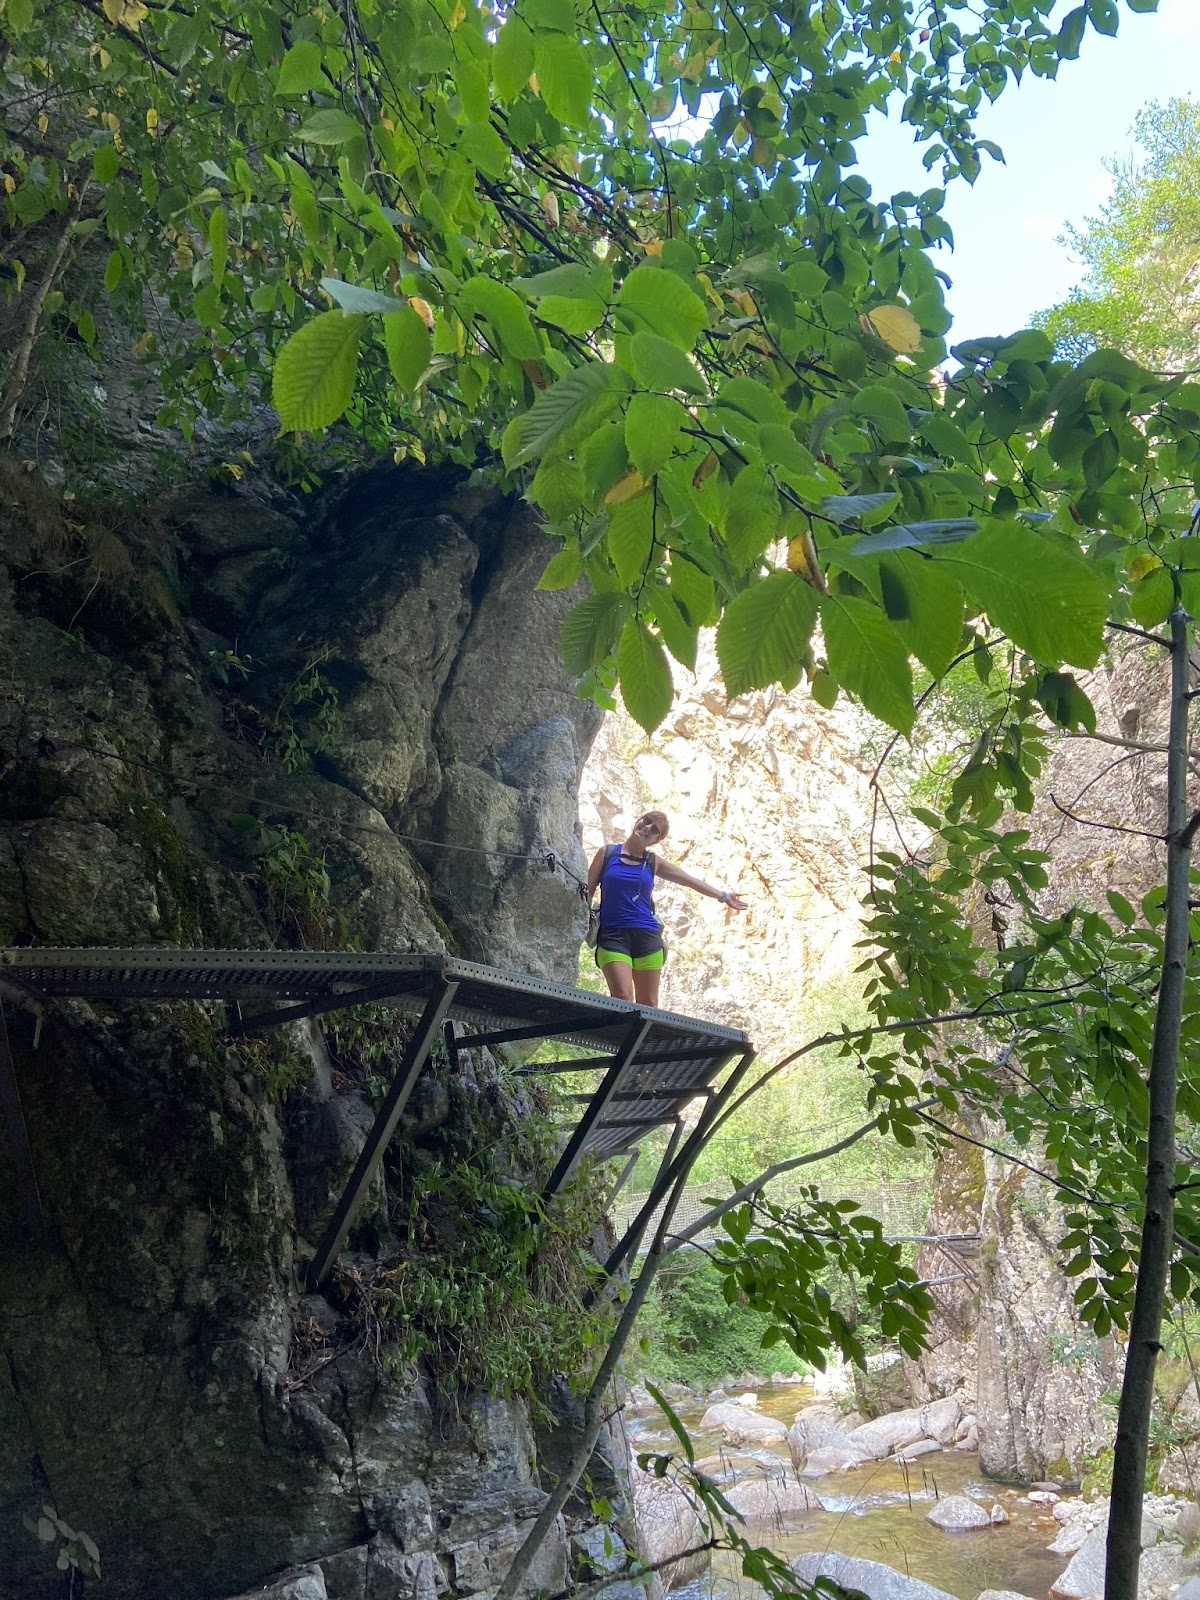 ¡Aquí nuestra compi Eva disfrutando de esta zona de las pasarelas menos vertiginosas que las que se encuentran más arriba!